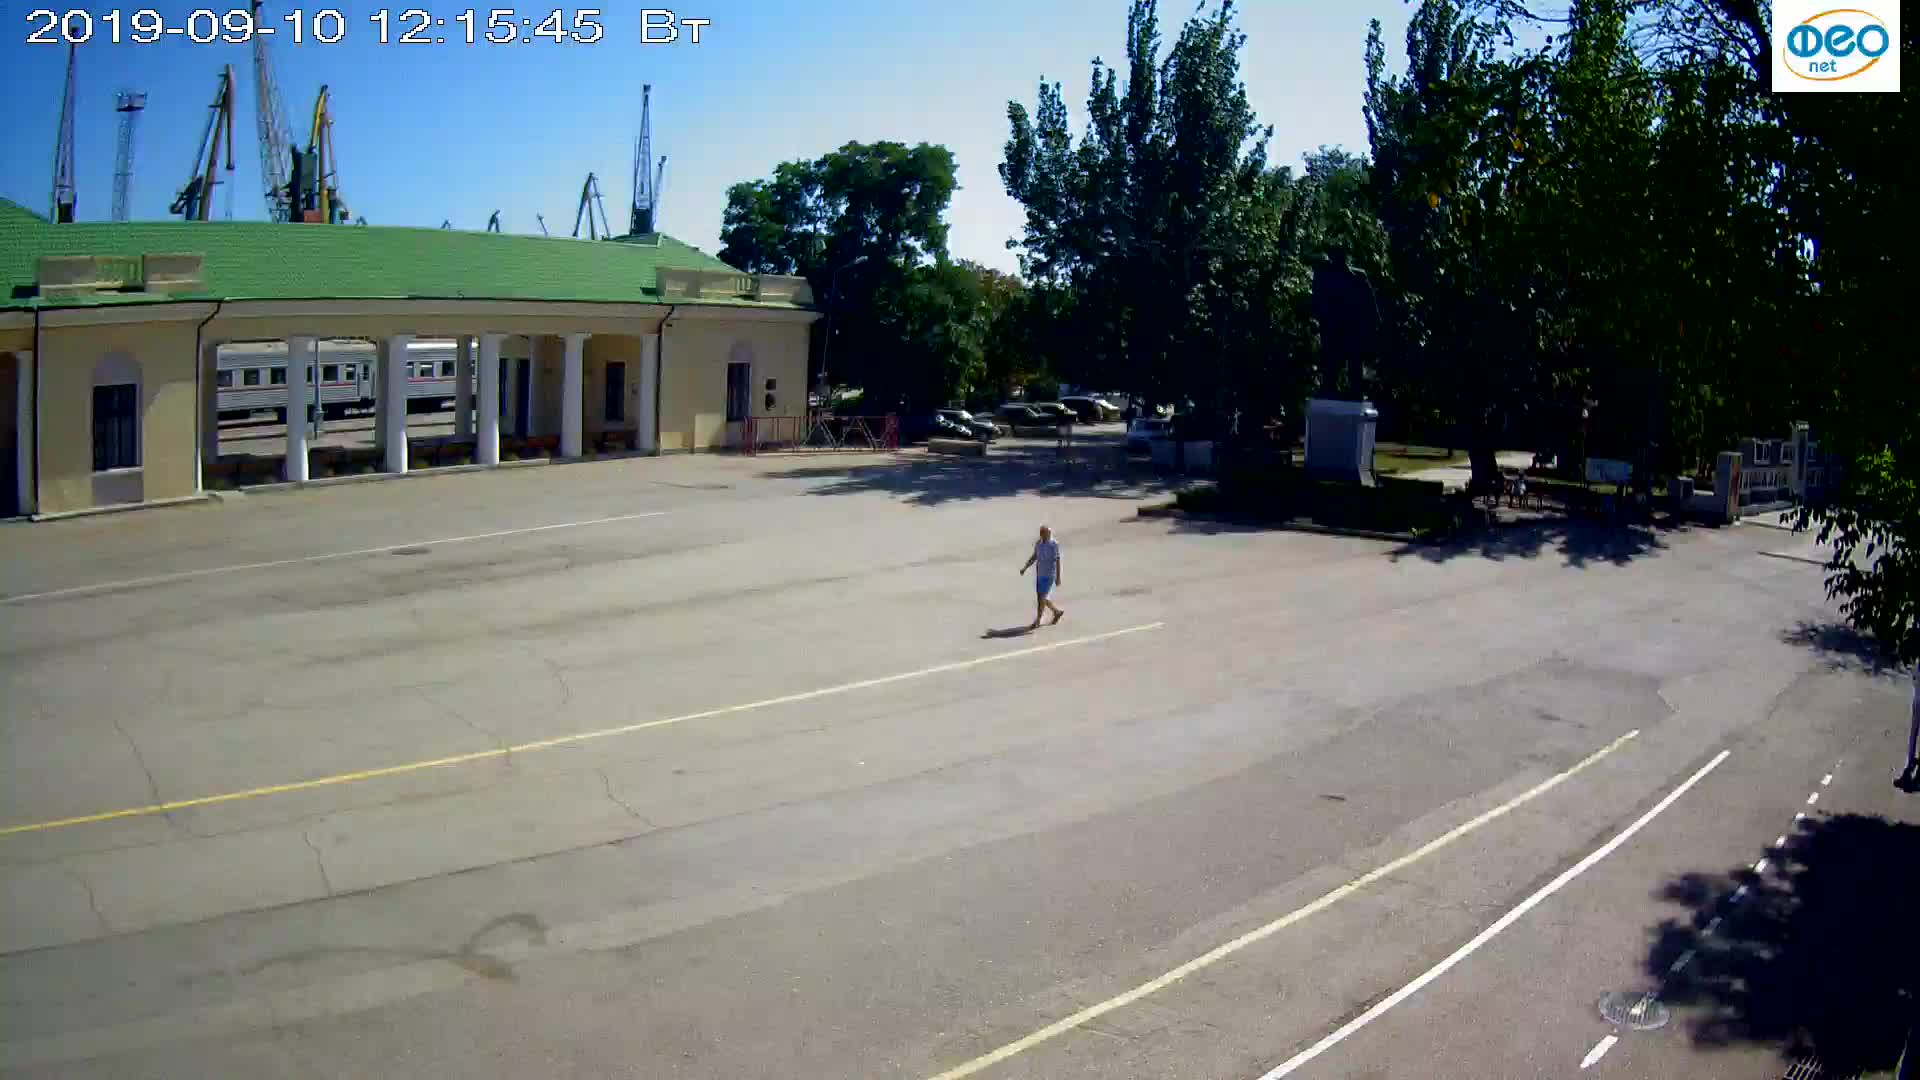 Веб-камеры Феодосии, Привокзальная площадь 2, 2019-09-10 12:03:10